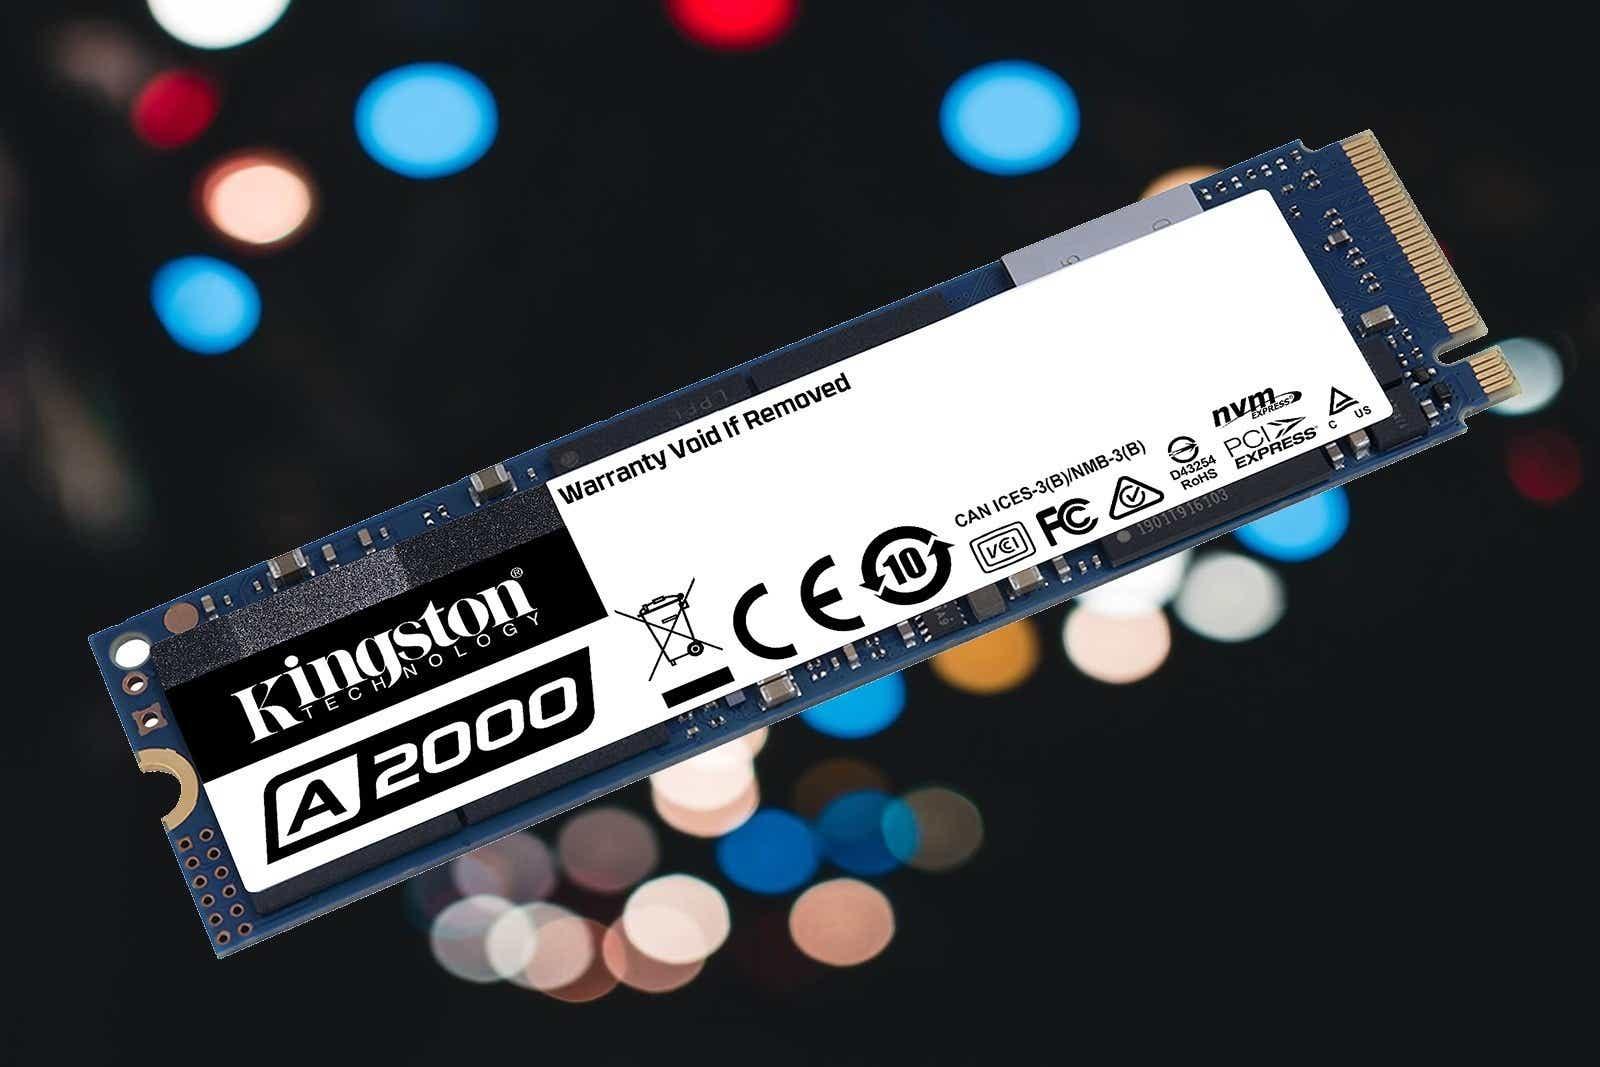 Kingston A2000 M.2 NVMe SSD (1TB)